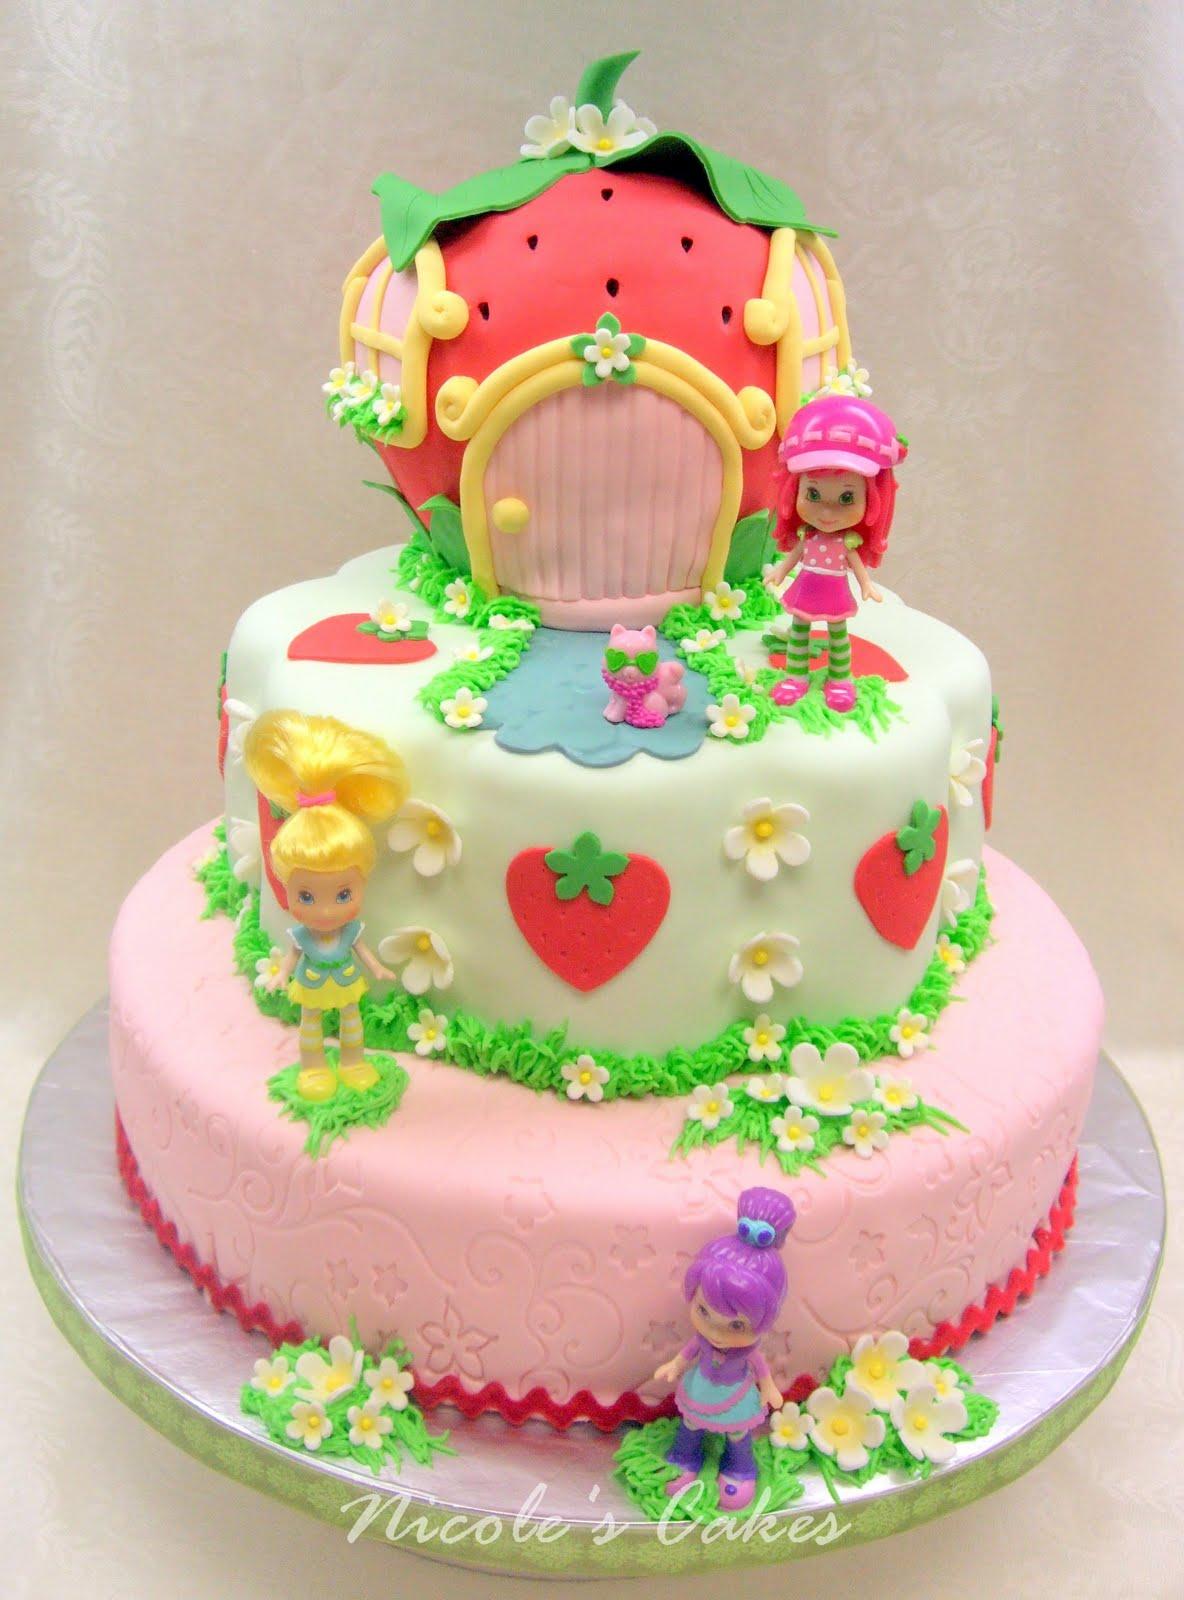 7 Birthday Cake Ideas For Girl Birthday Cakes For Girl